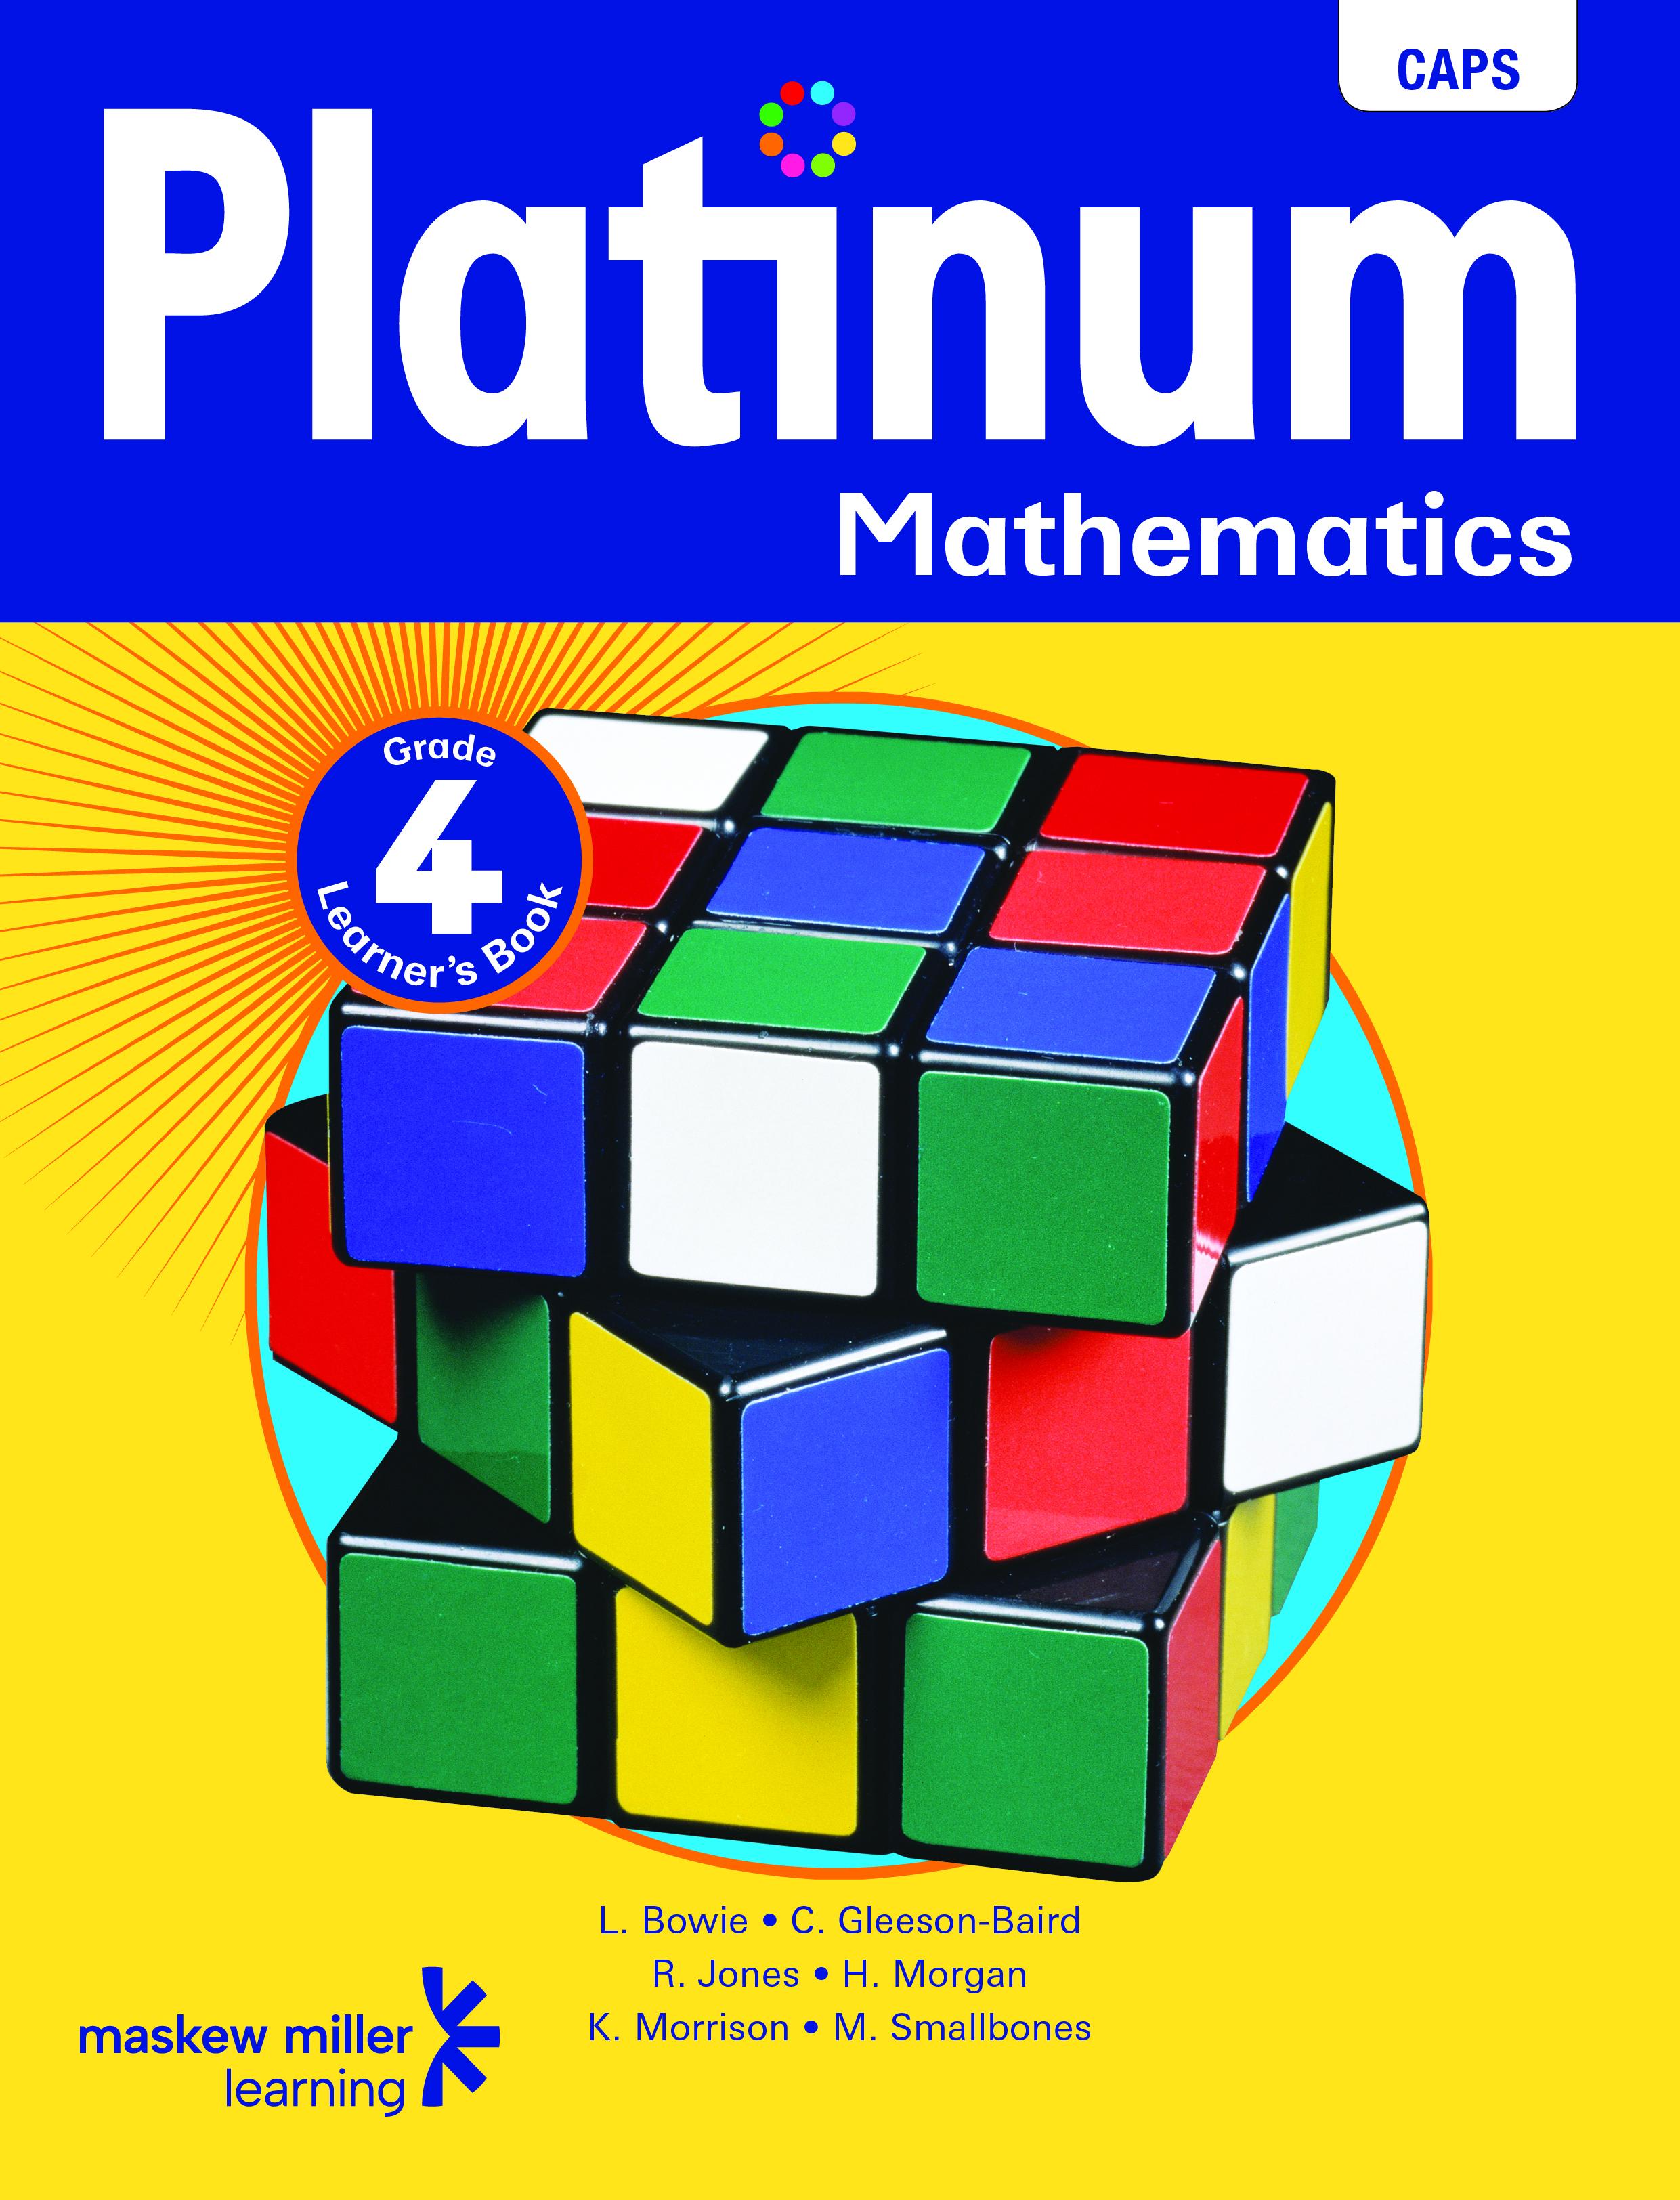 Picture of Platinum mathematics CAPS